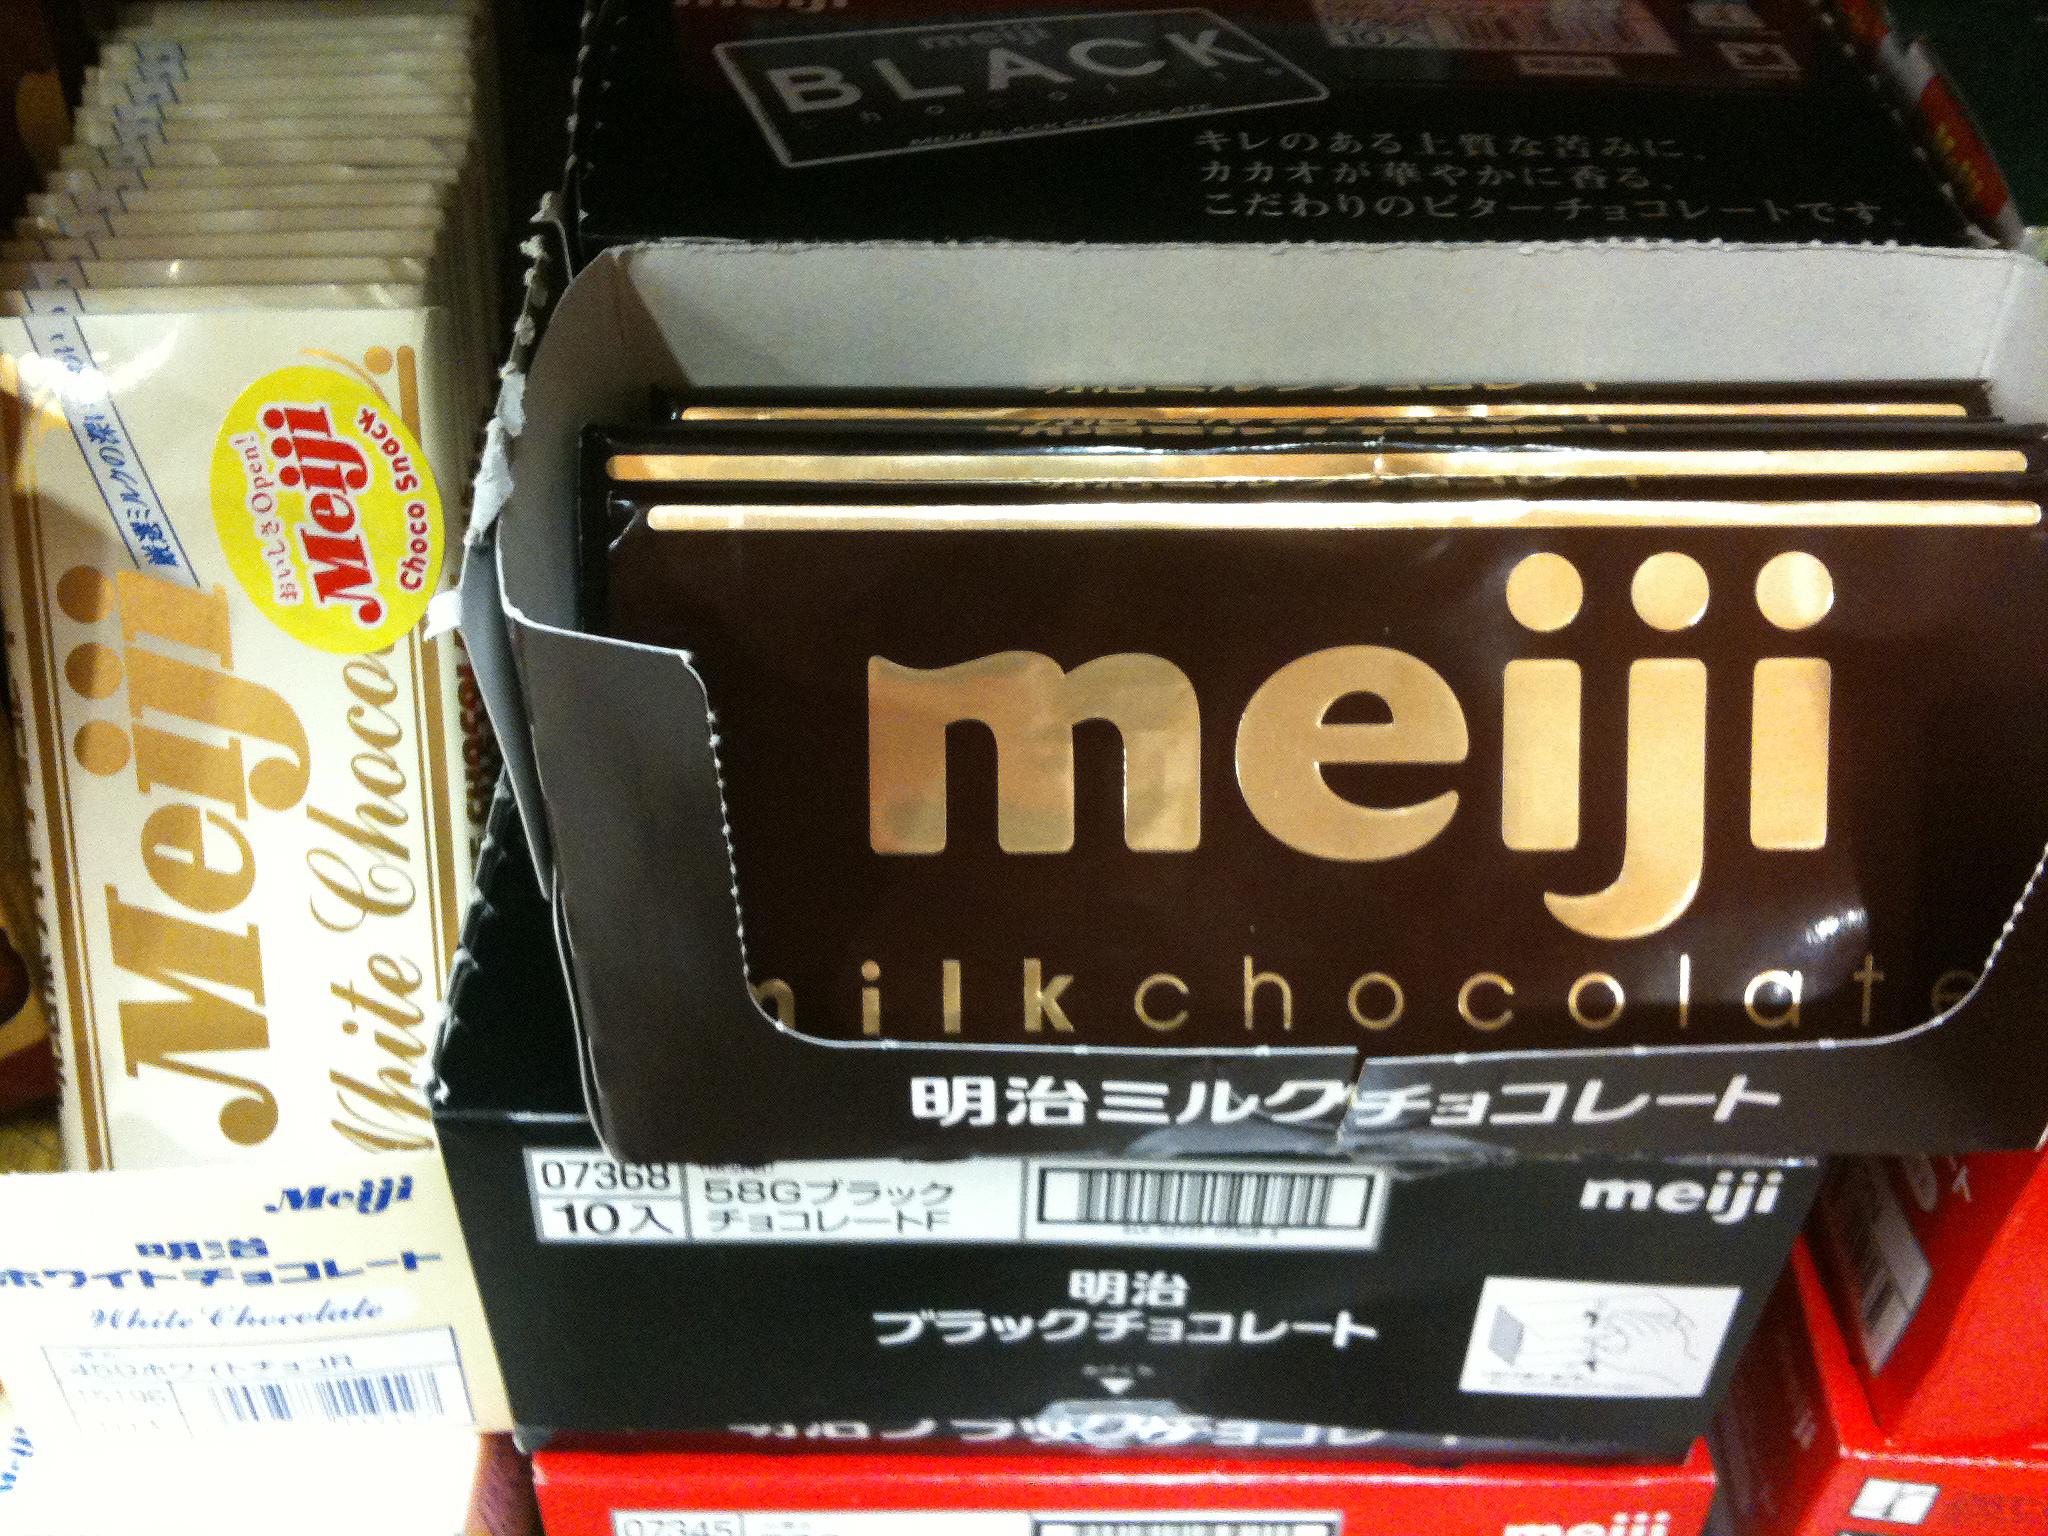 チョコレートの画像 p1_24